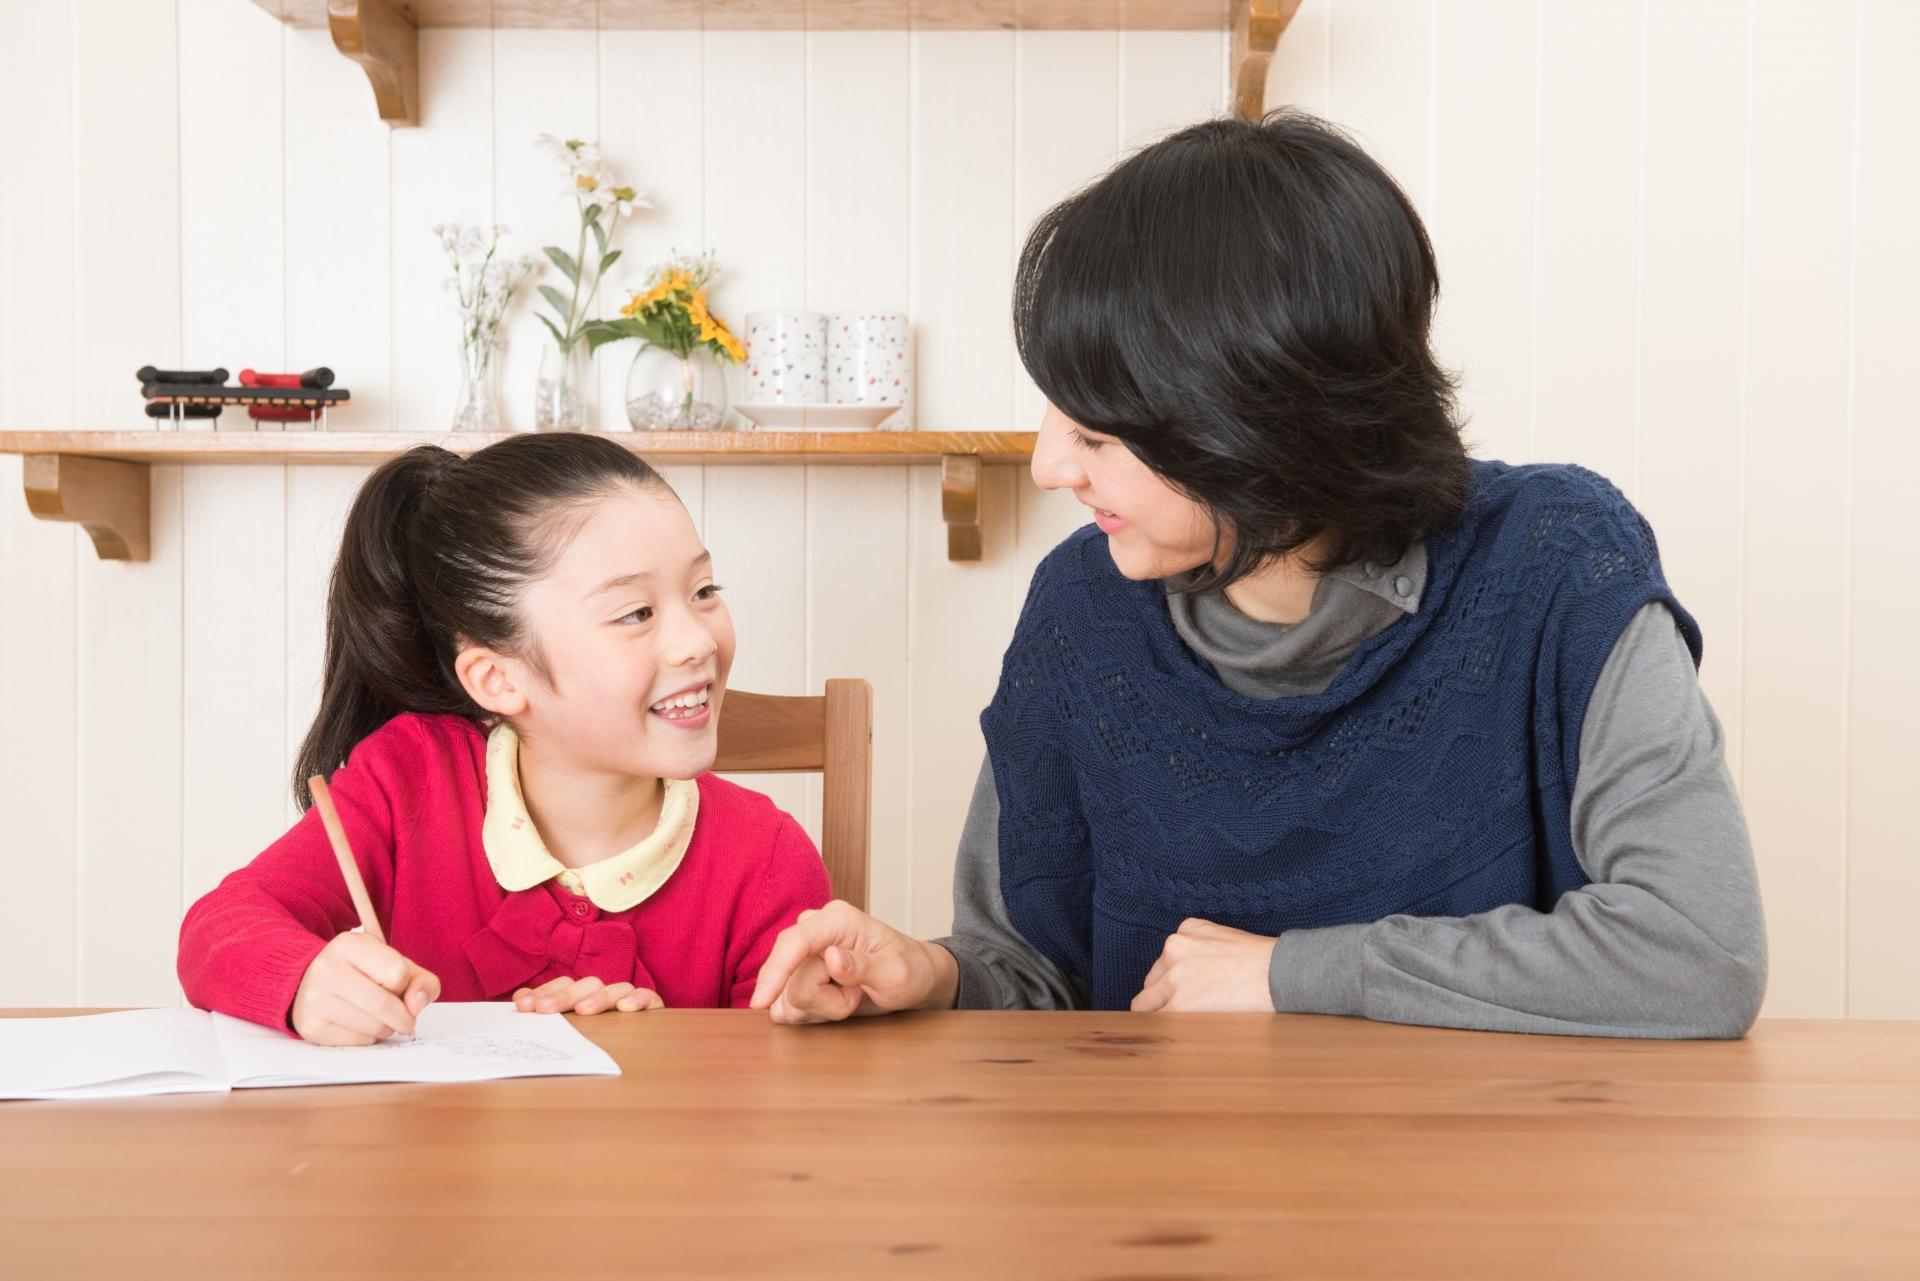 【新刊無料公開】「子どものやる気を引き出す秘訣は?」教育コンサルタントの阿部先生が答えますの画像7